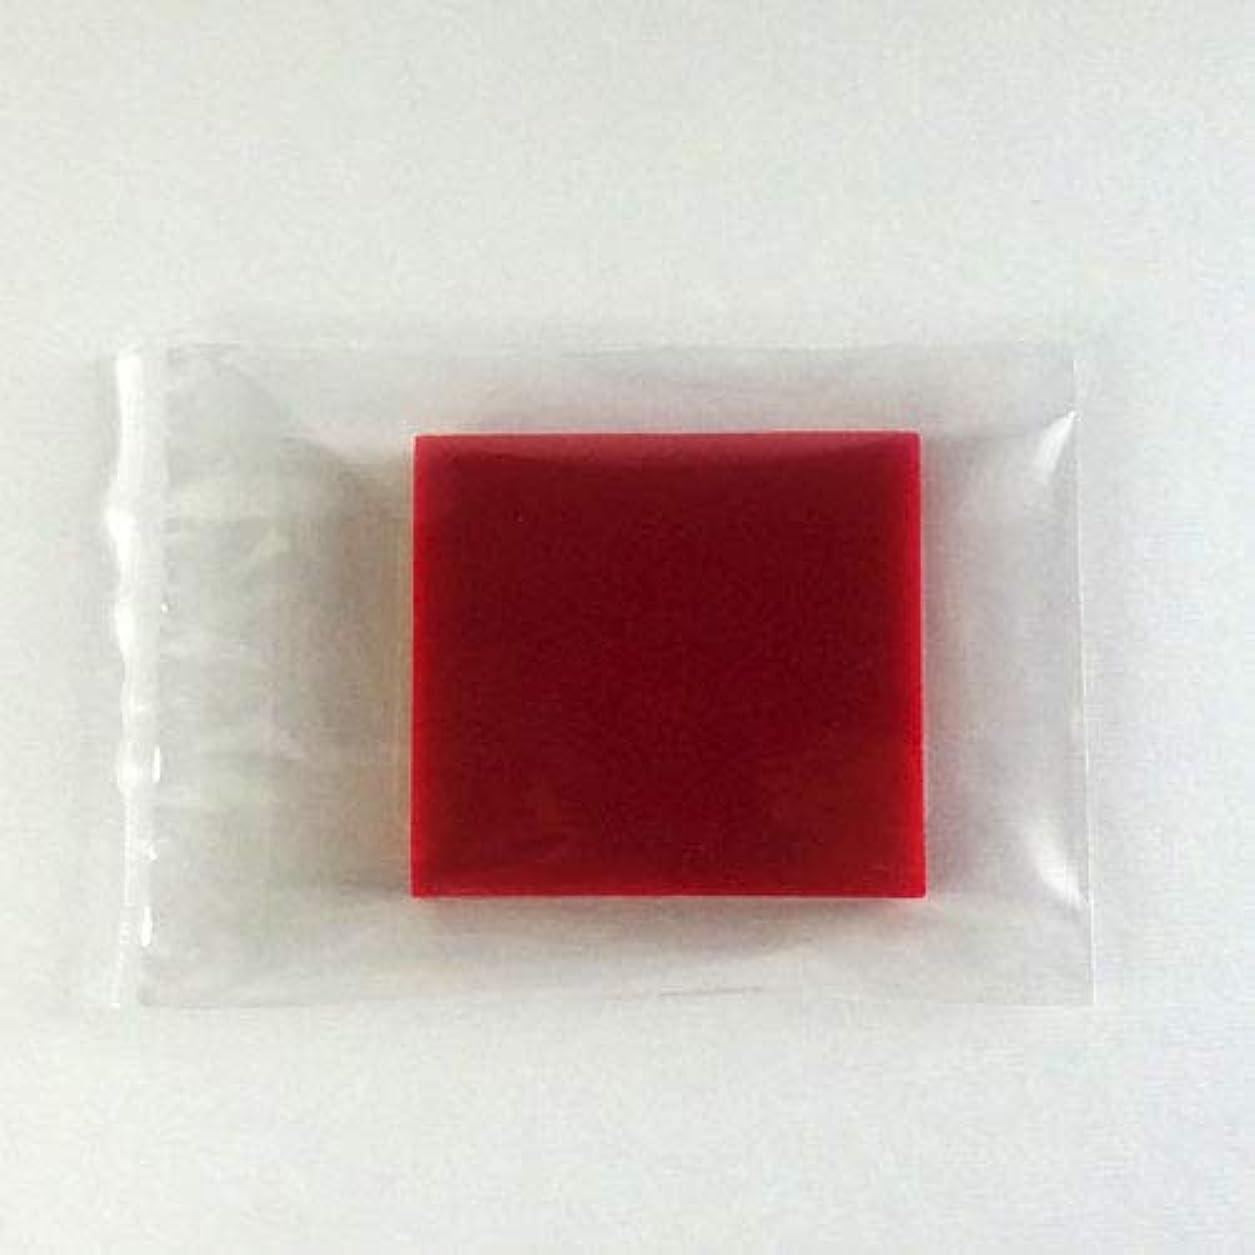 マラドロイト交換ワイプグリセリンソープ MPソープ 色チップ 赤(レッド) 120g(30g x 4pc)